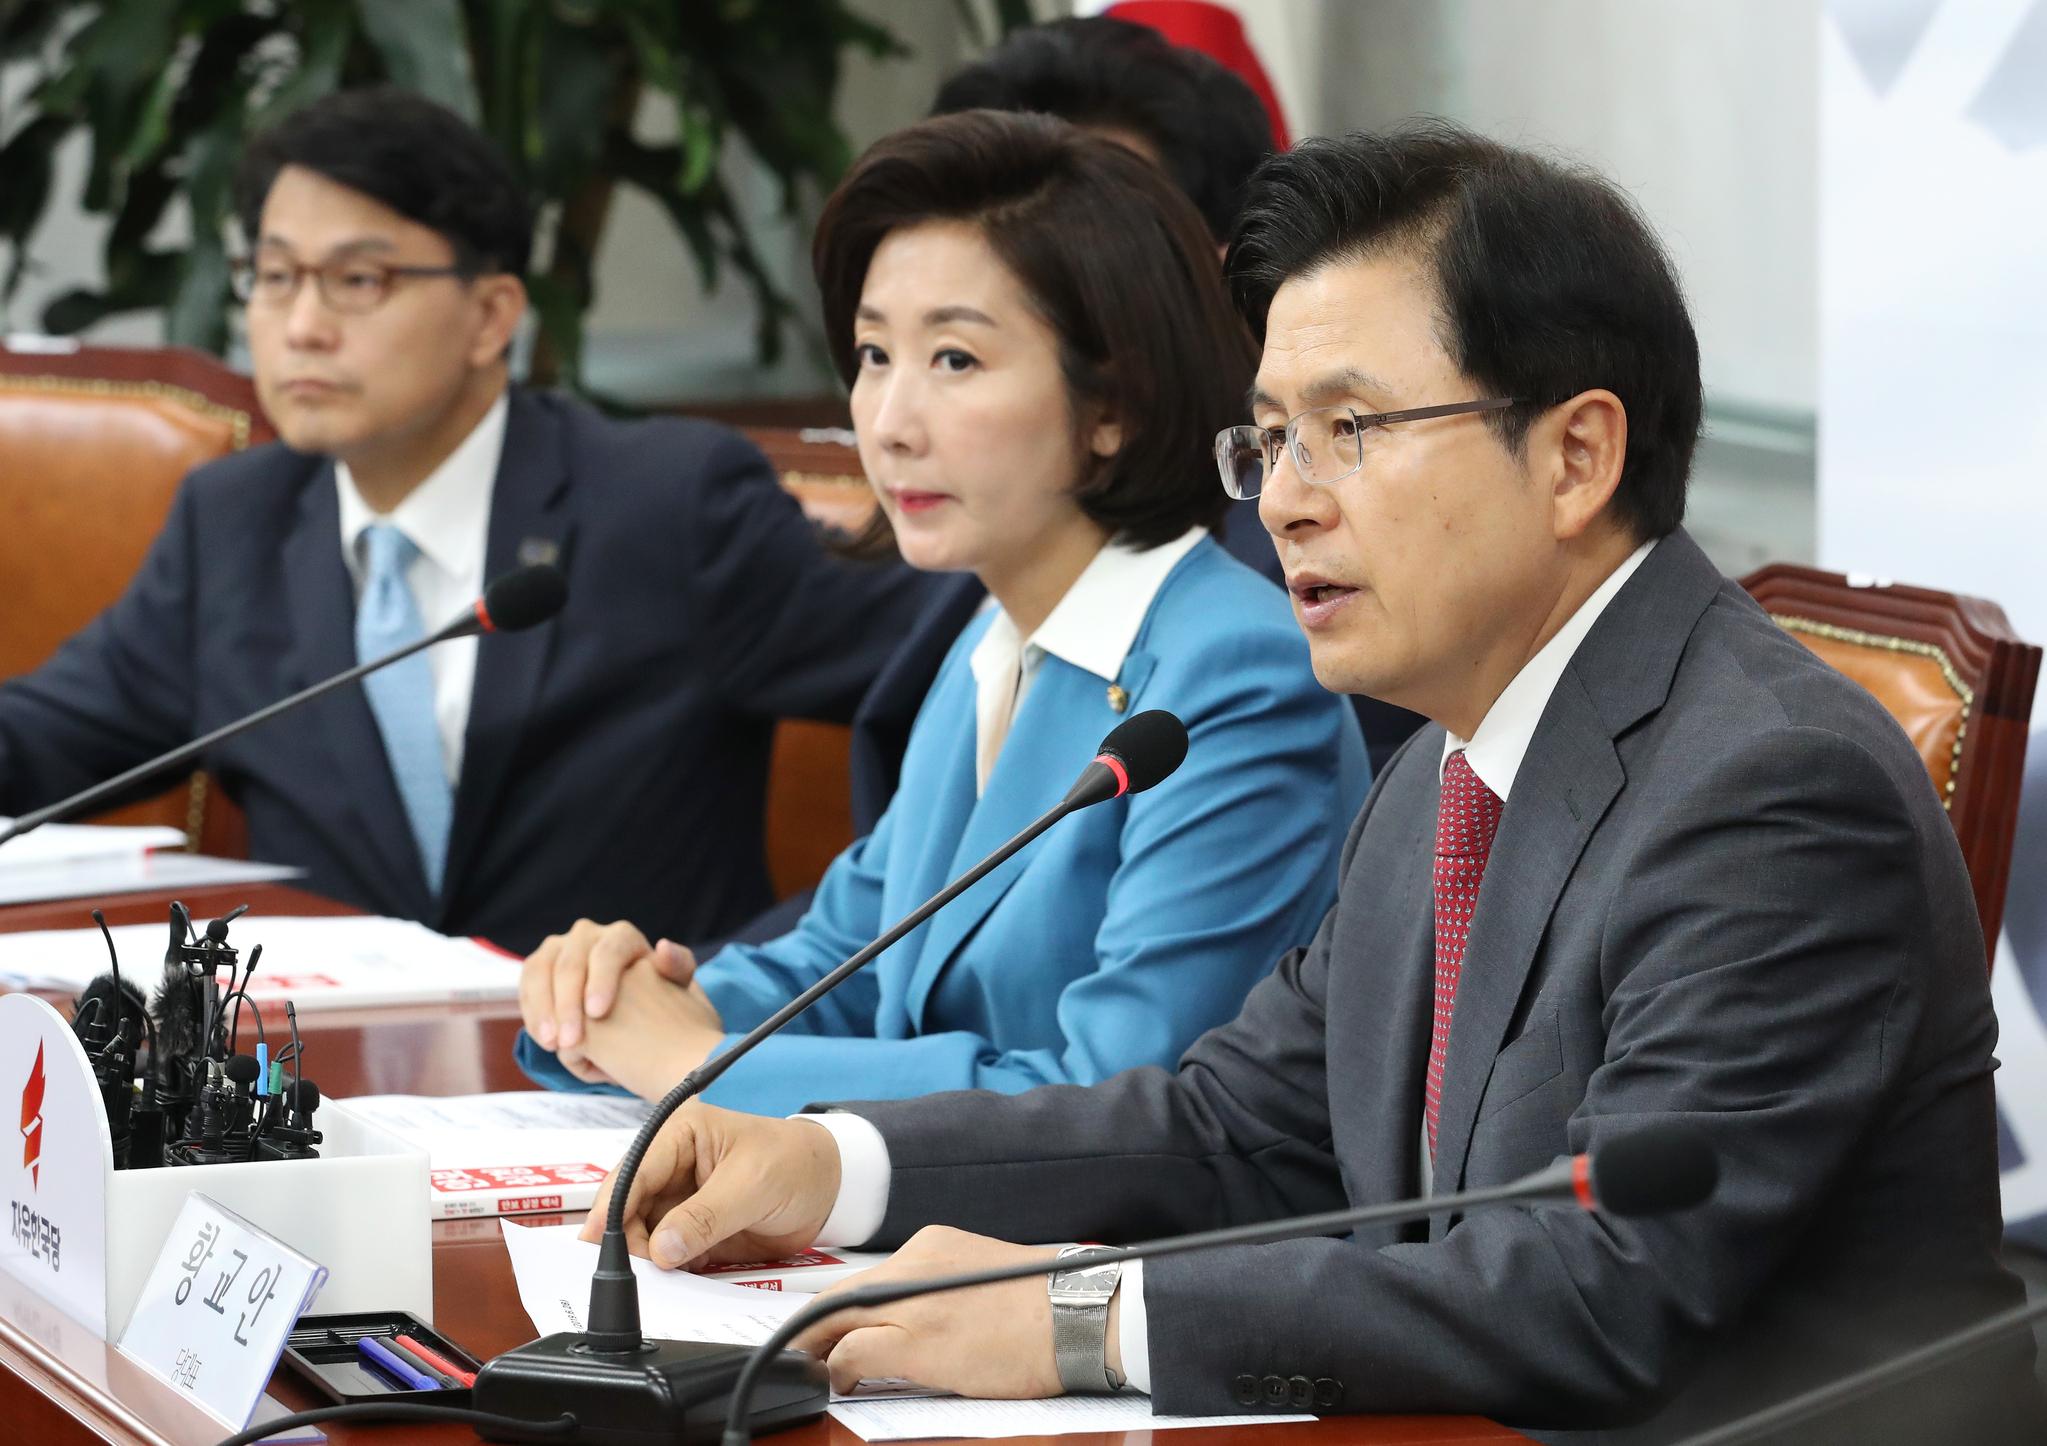 자유한국당 황교안 대표(오른쪽)가 28일 오전 국회에서 열린 북핵외교안보특위에서 발언하고 있다. [연합뉴스]